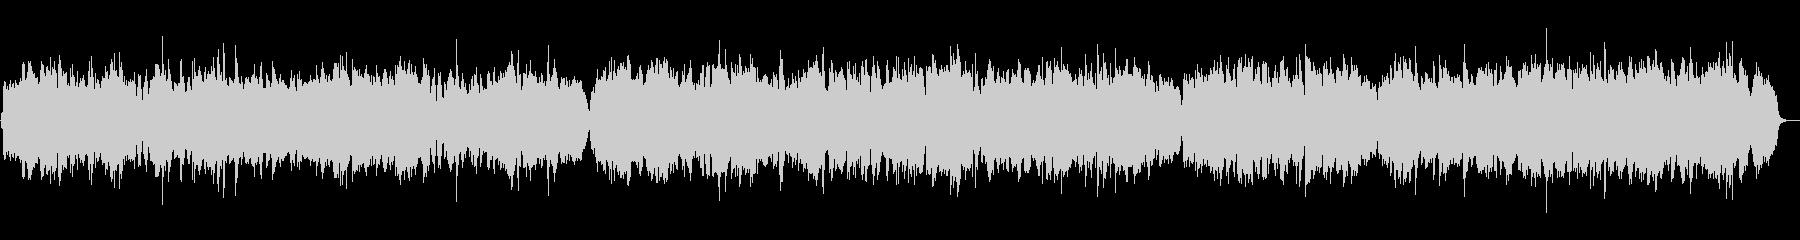 生フルート!バッハ、G線上のアリア、弦楽の未再生の波形